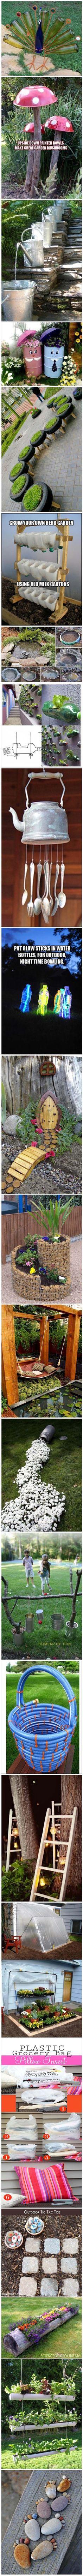 diy simple outdoor ideas